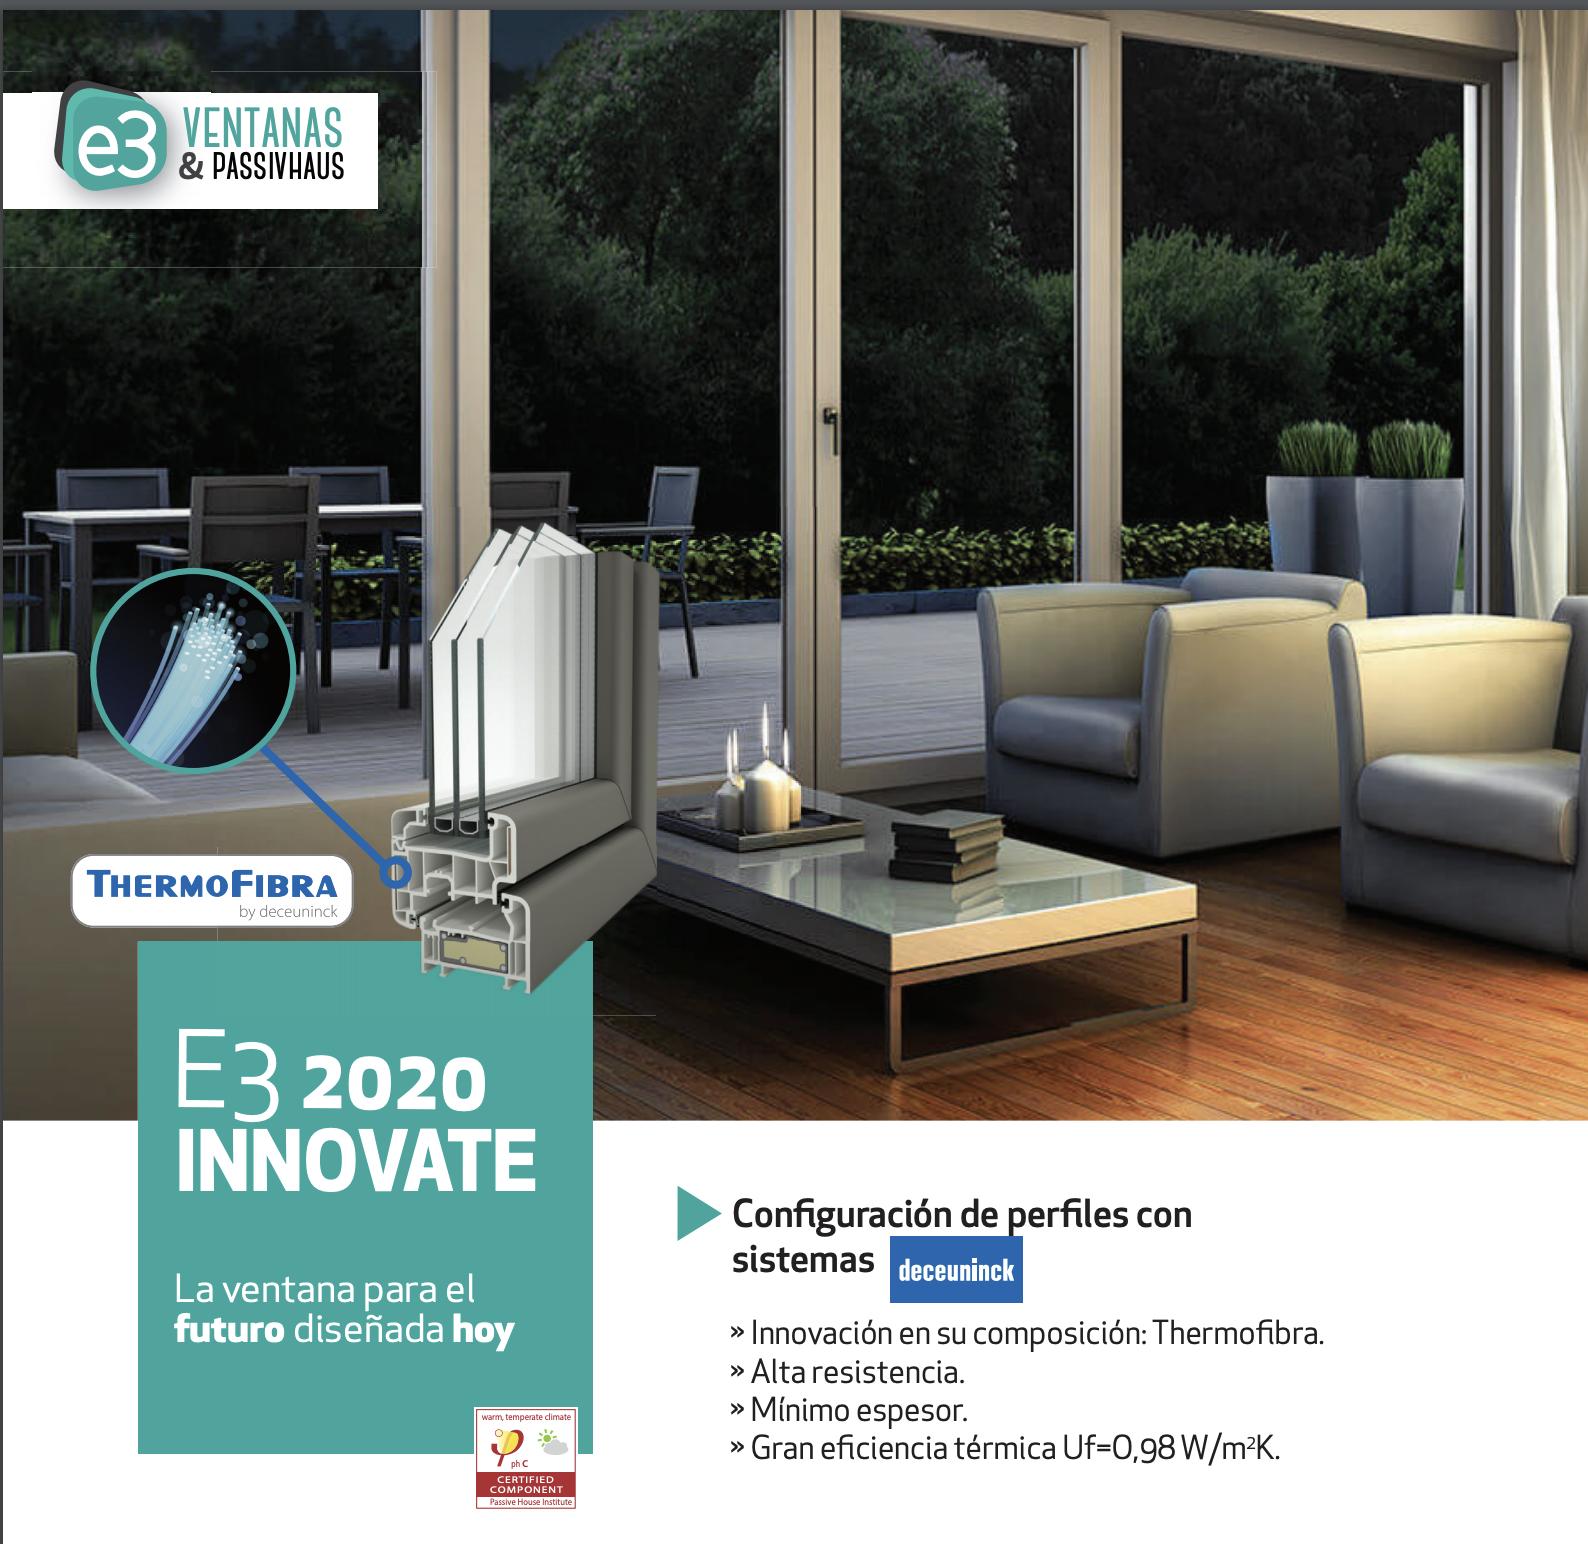 E3 2020 Innovate